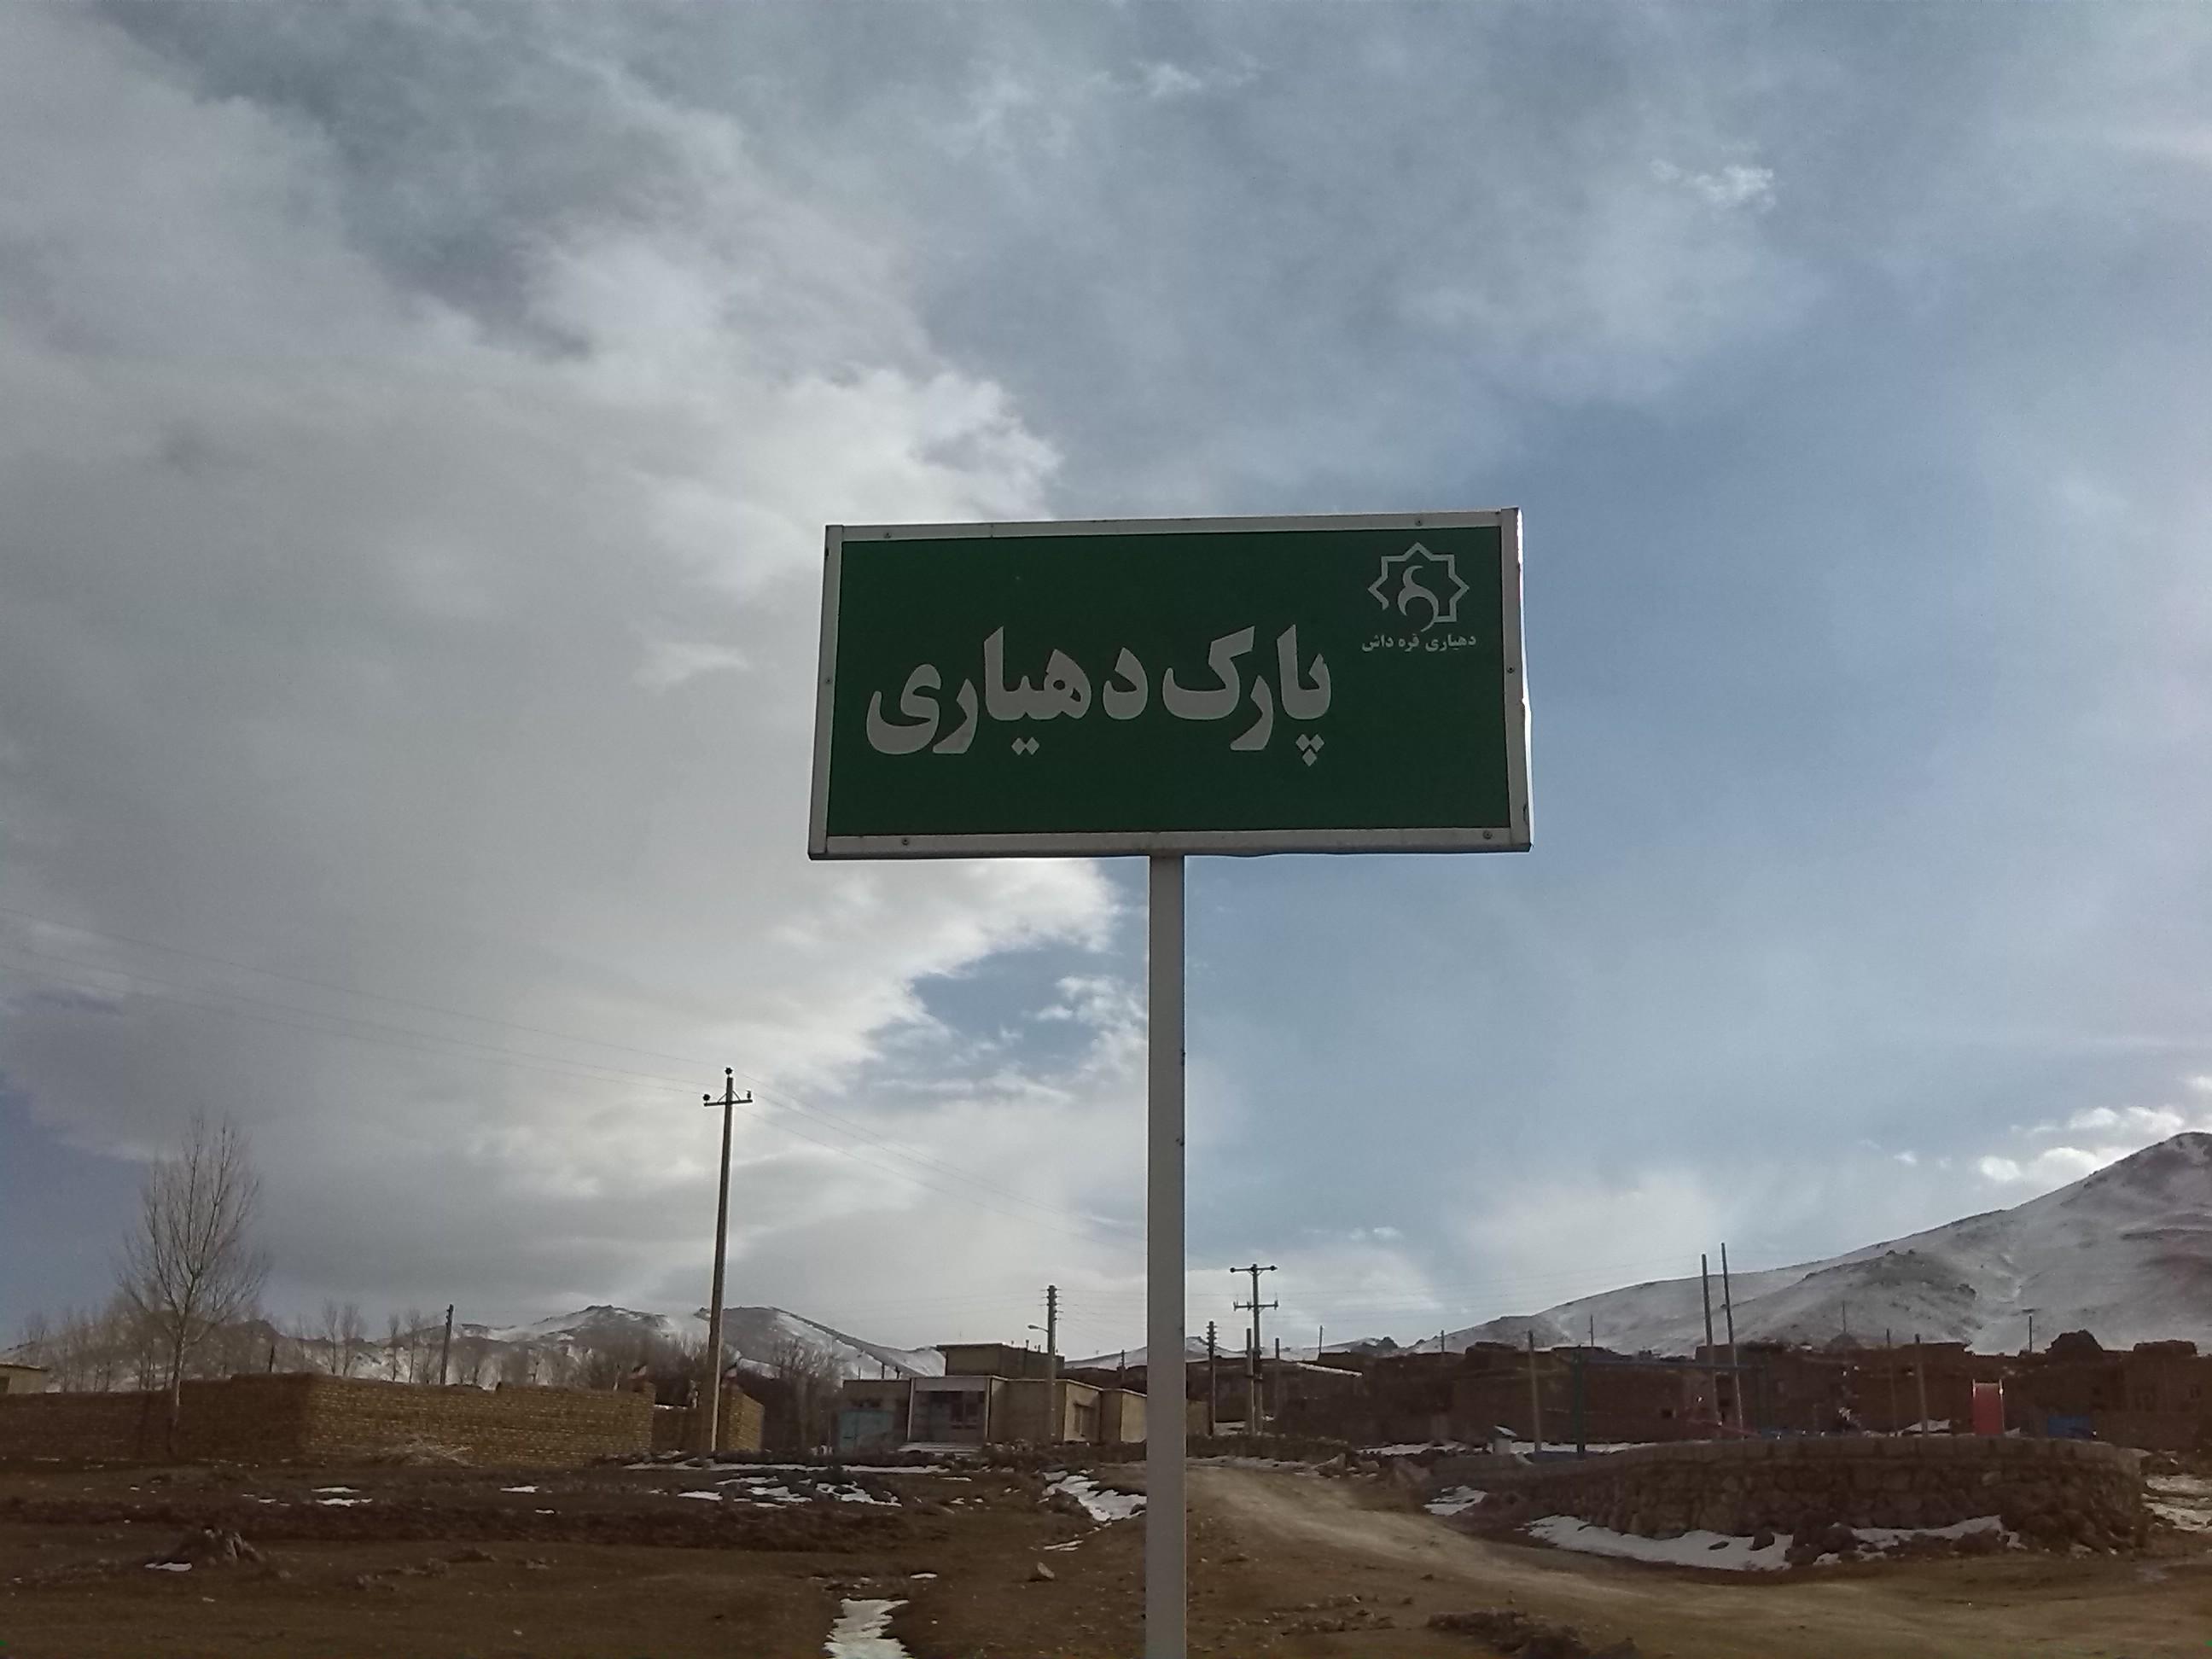 عکس از پارک دهیاری روستا